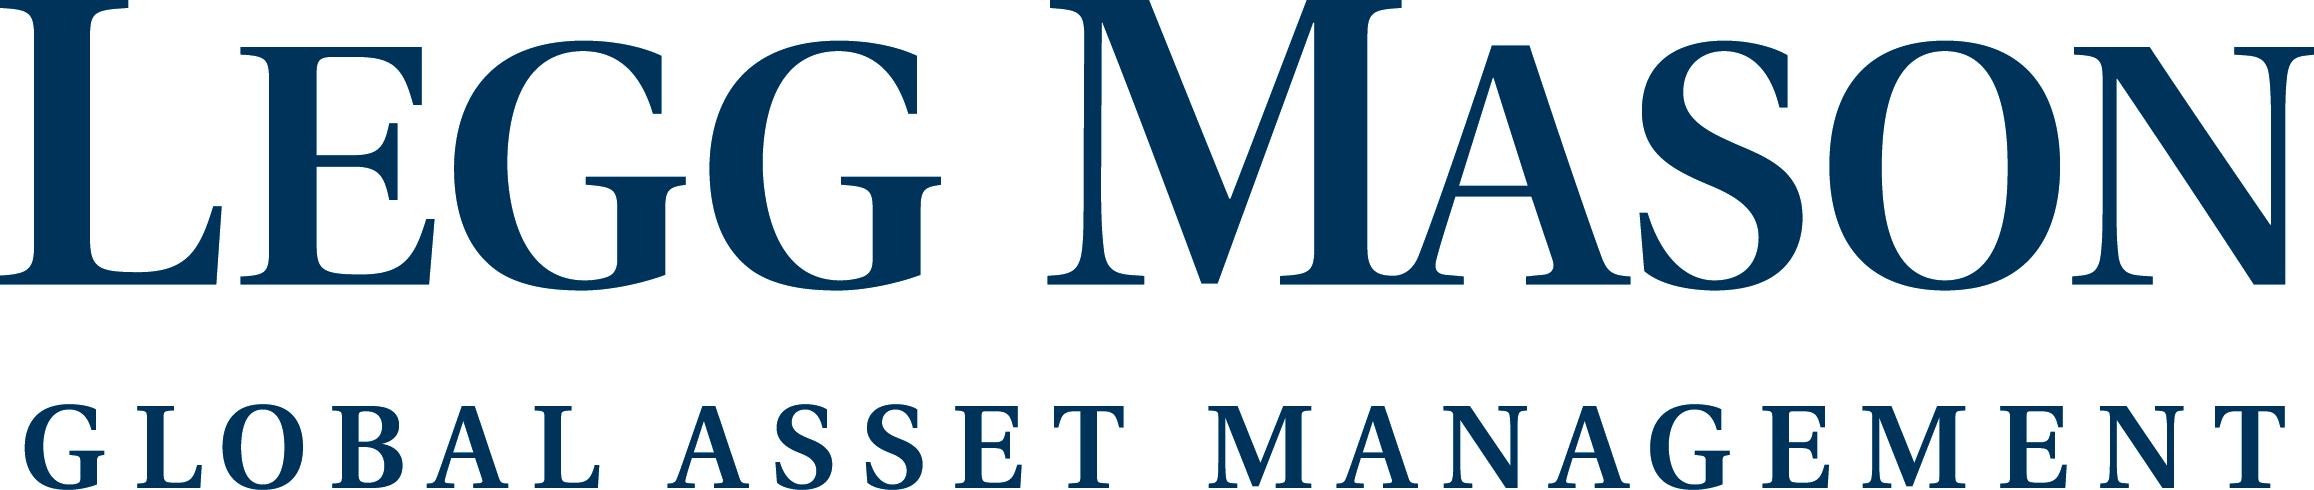 Legg-Mason-Logo-1112081.jpg